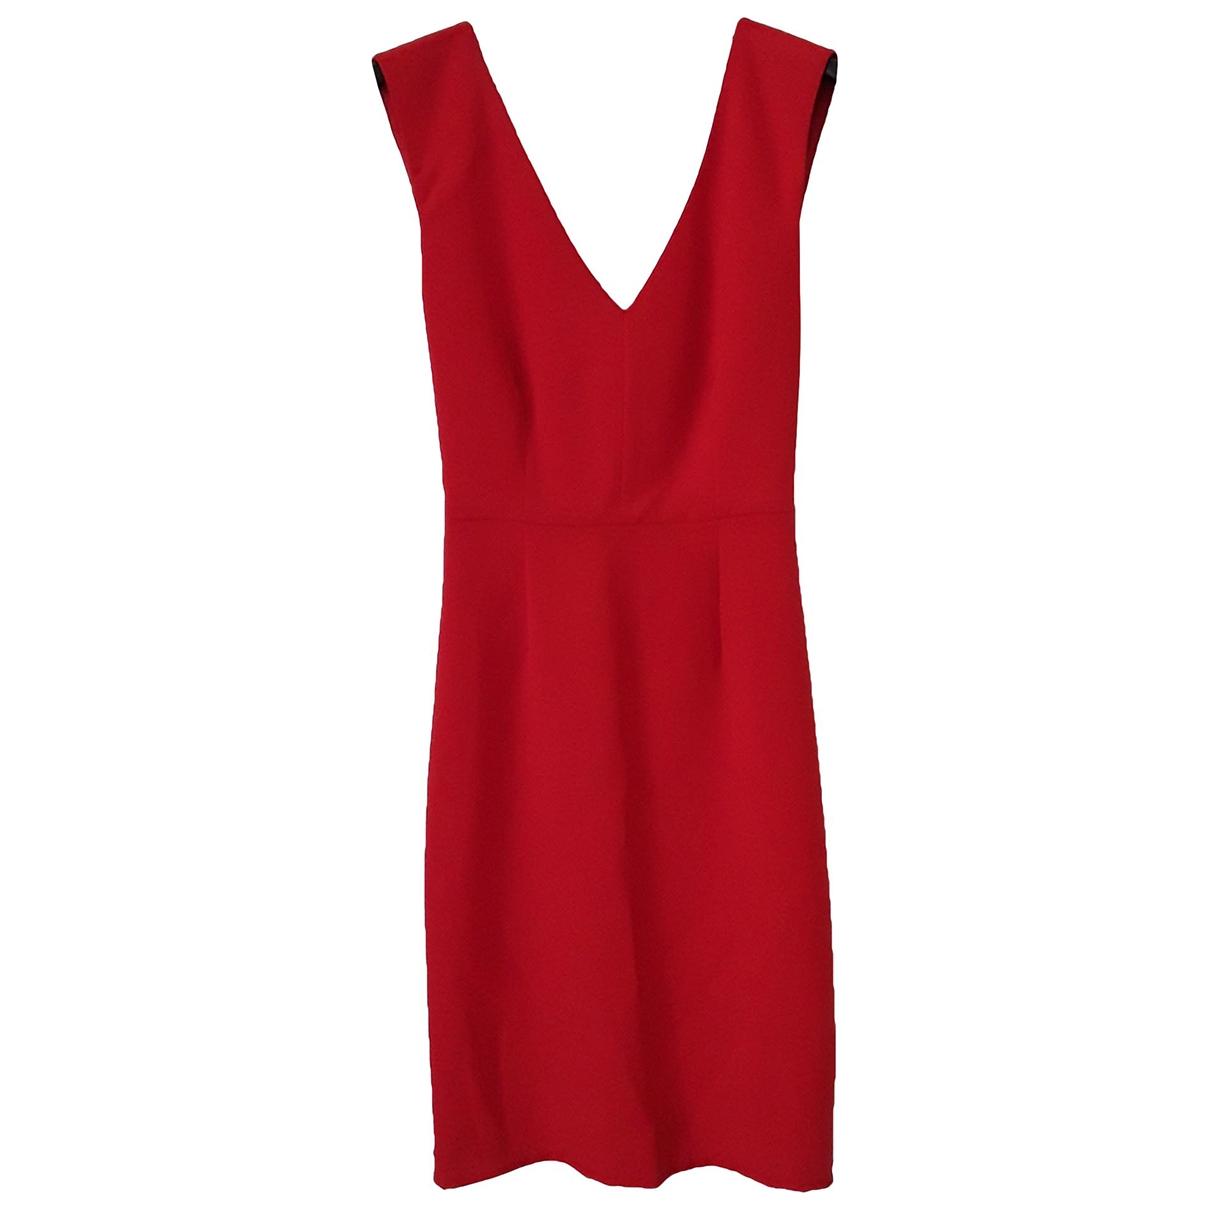 Liu.jo \N Red dress for Women 42 IT